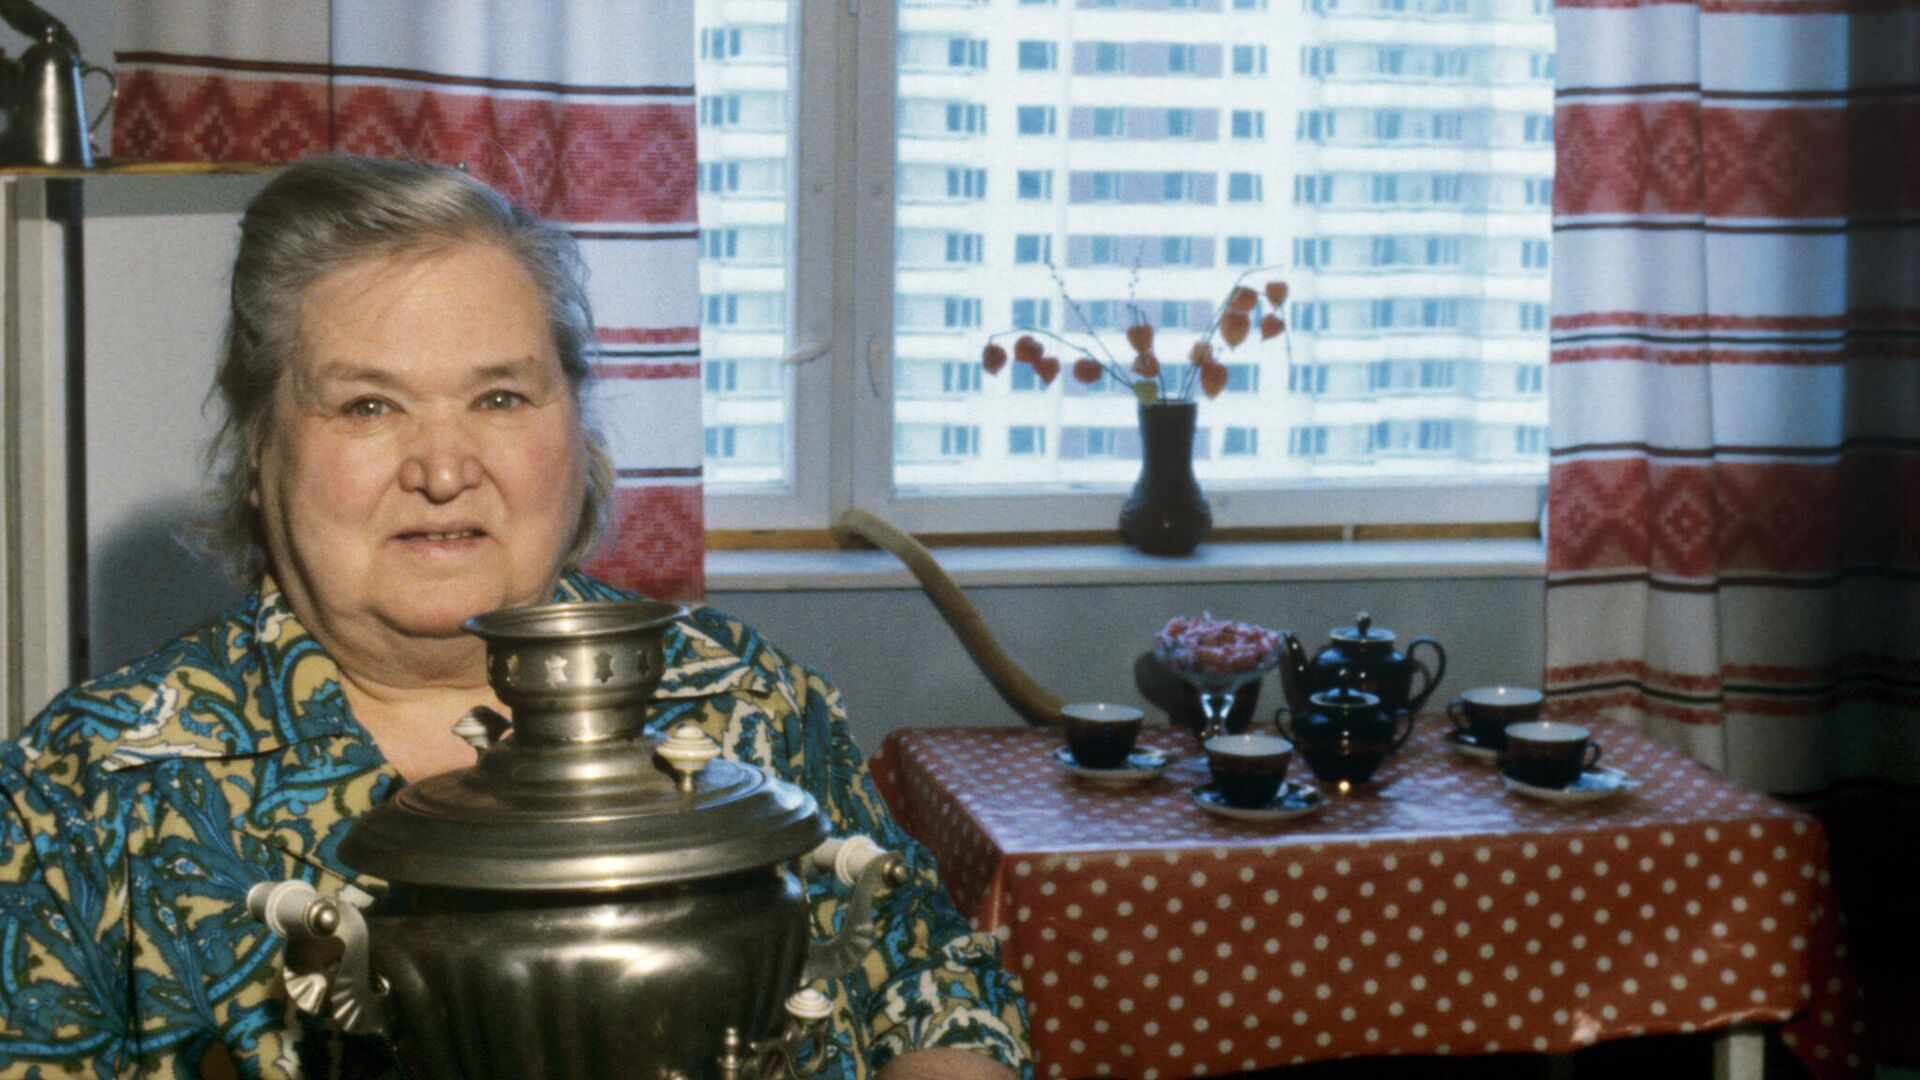 Пенсионерка в своей квартире - РИА Новости, 1920, 16.09.2021